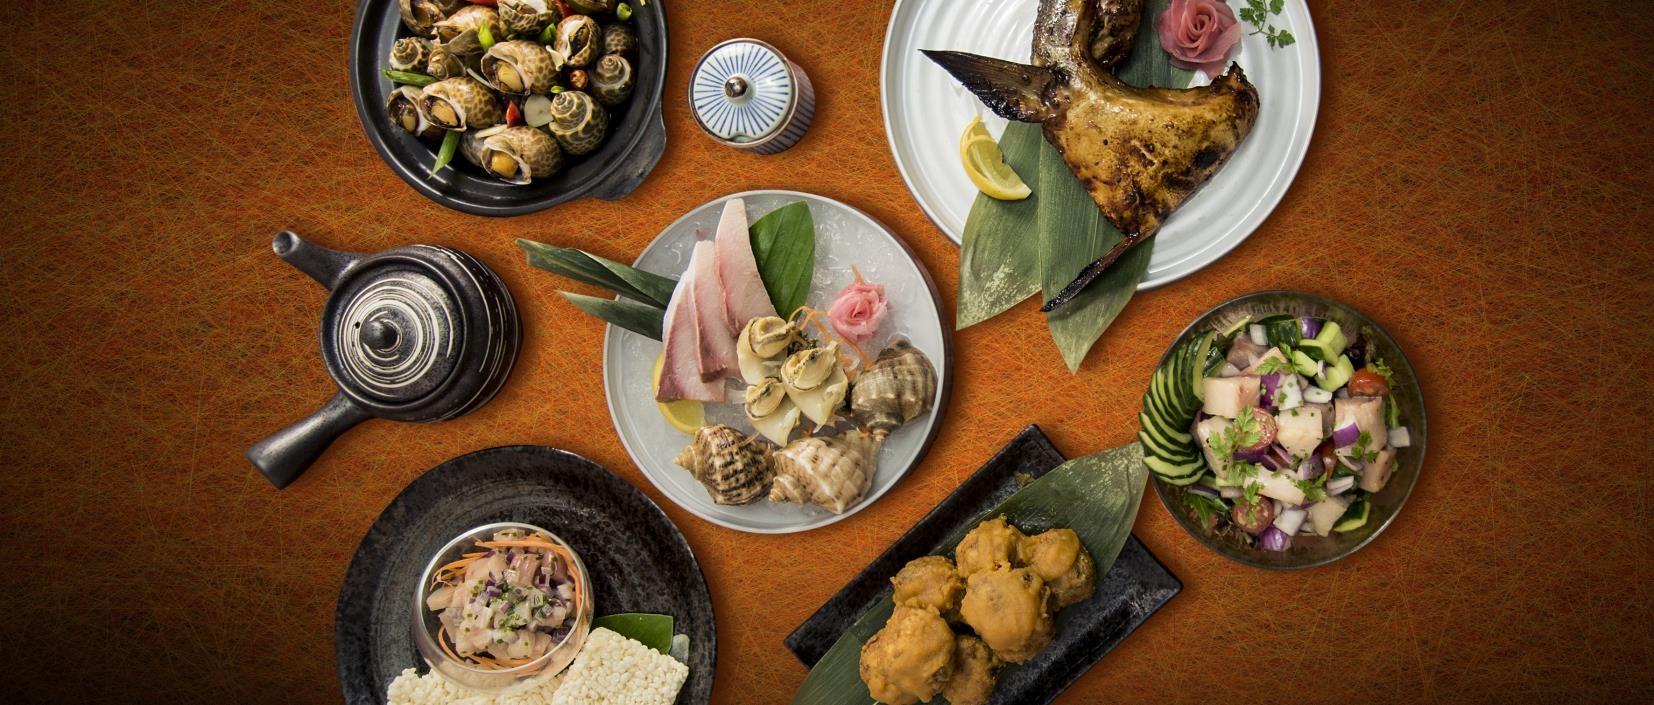 202009 東涌諾富特東薈城酒店︱Essence - 油甘魚與海螺自助餐